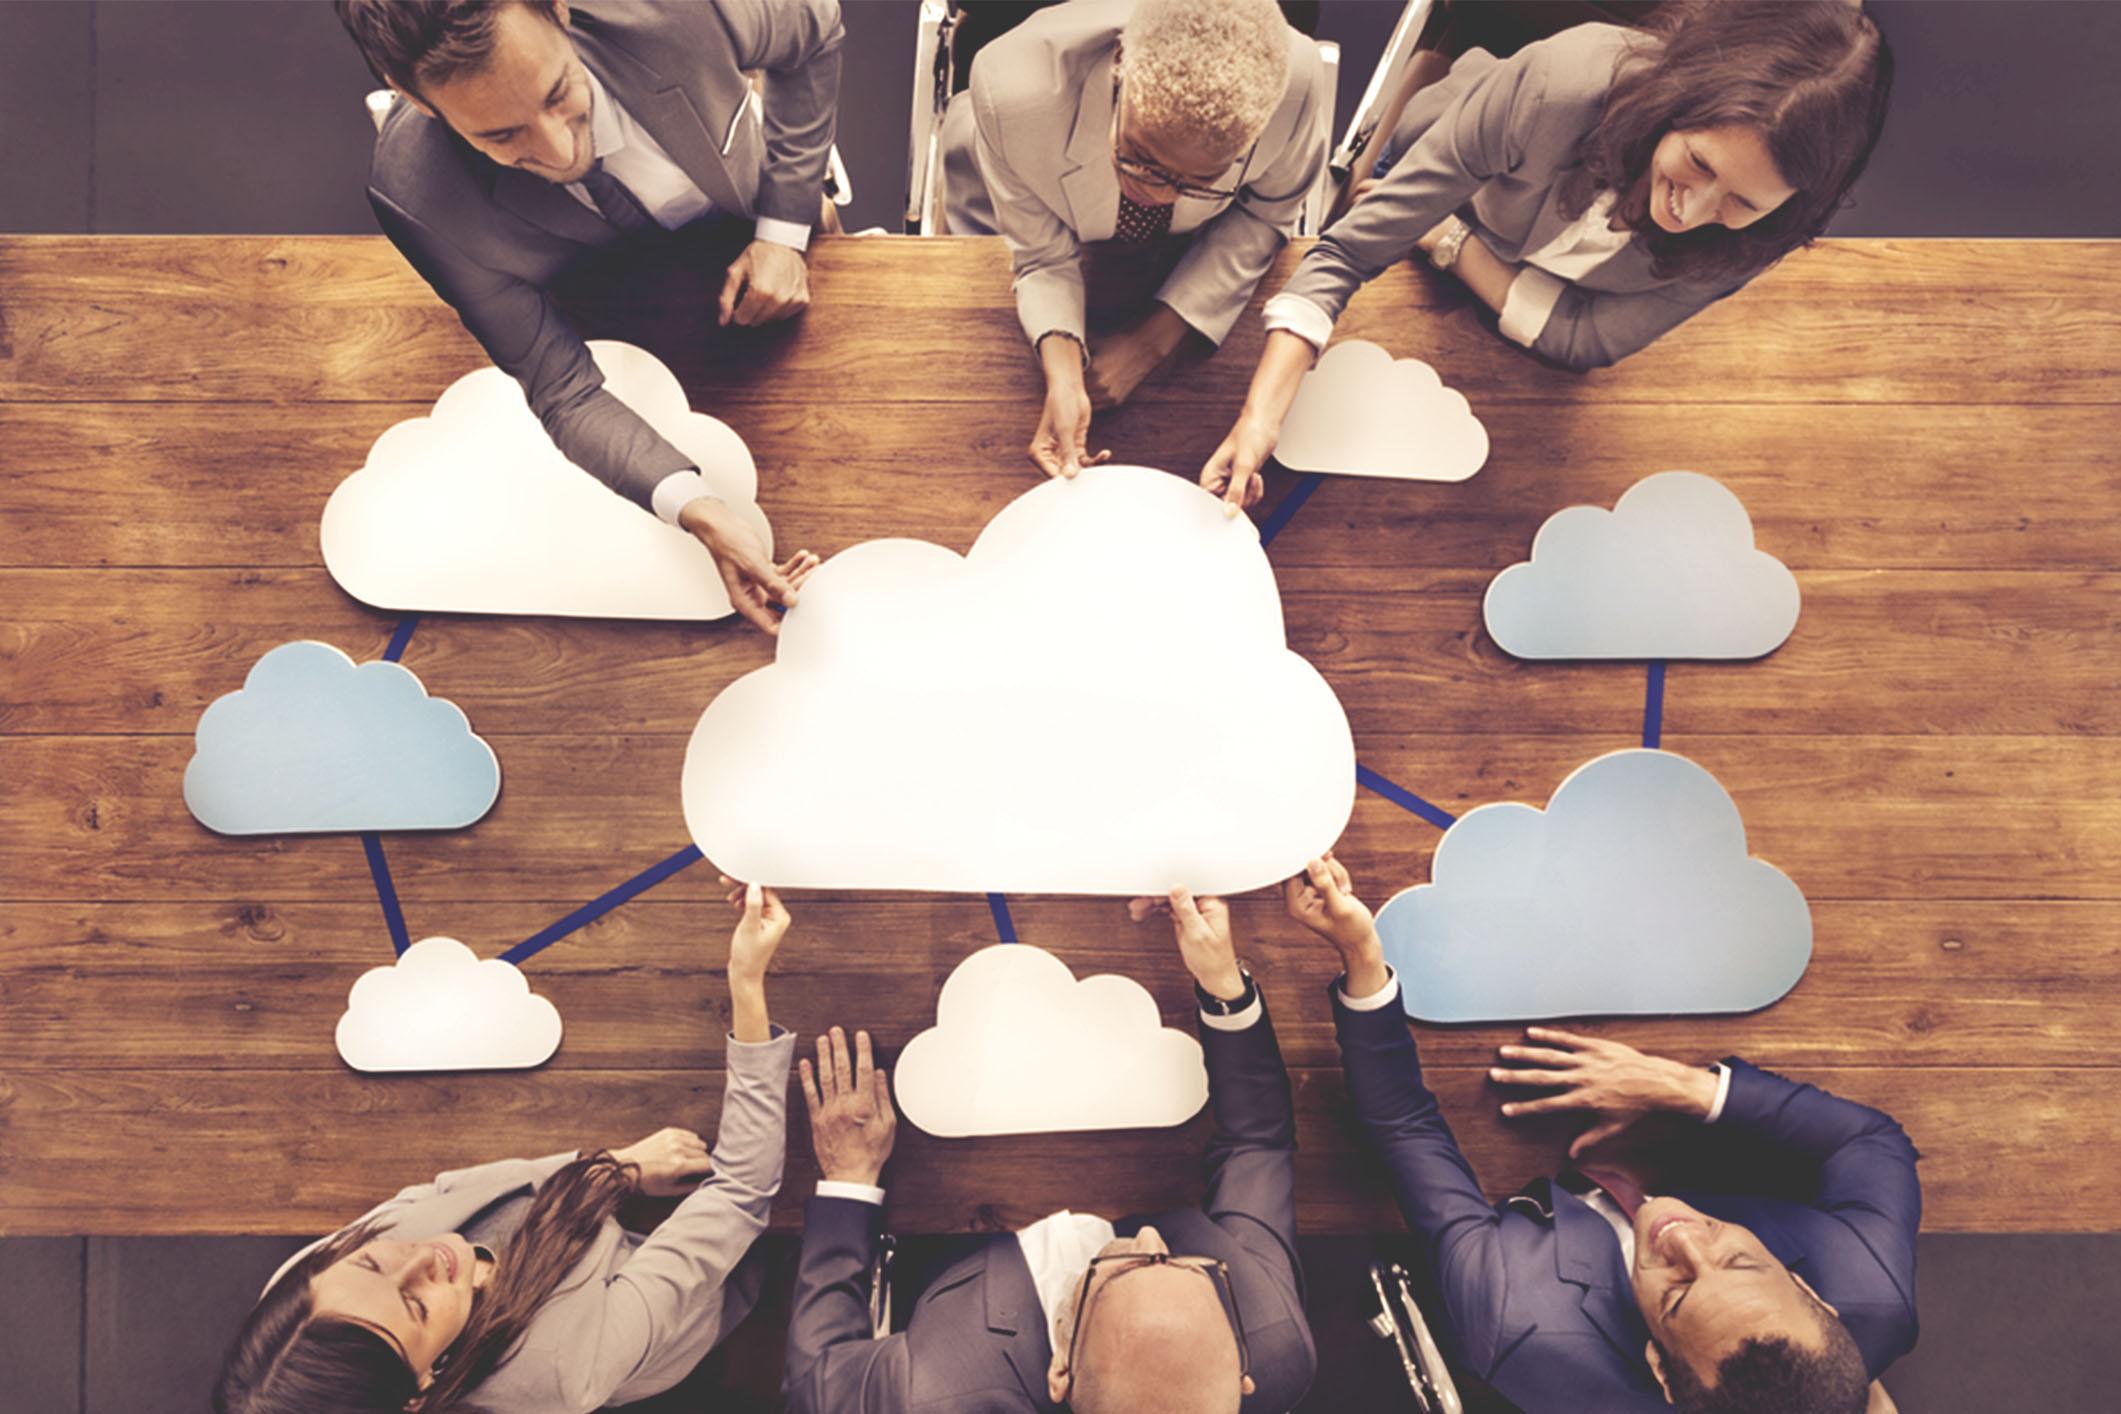 Le cloud privé apporte aux entreprises davantage de sécurité et de performance que le cloud public.